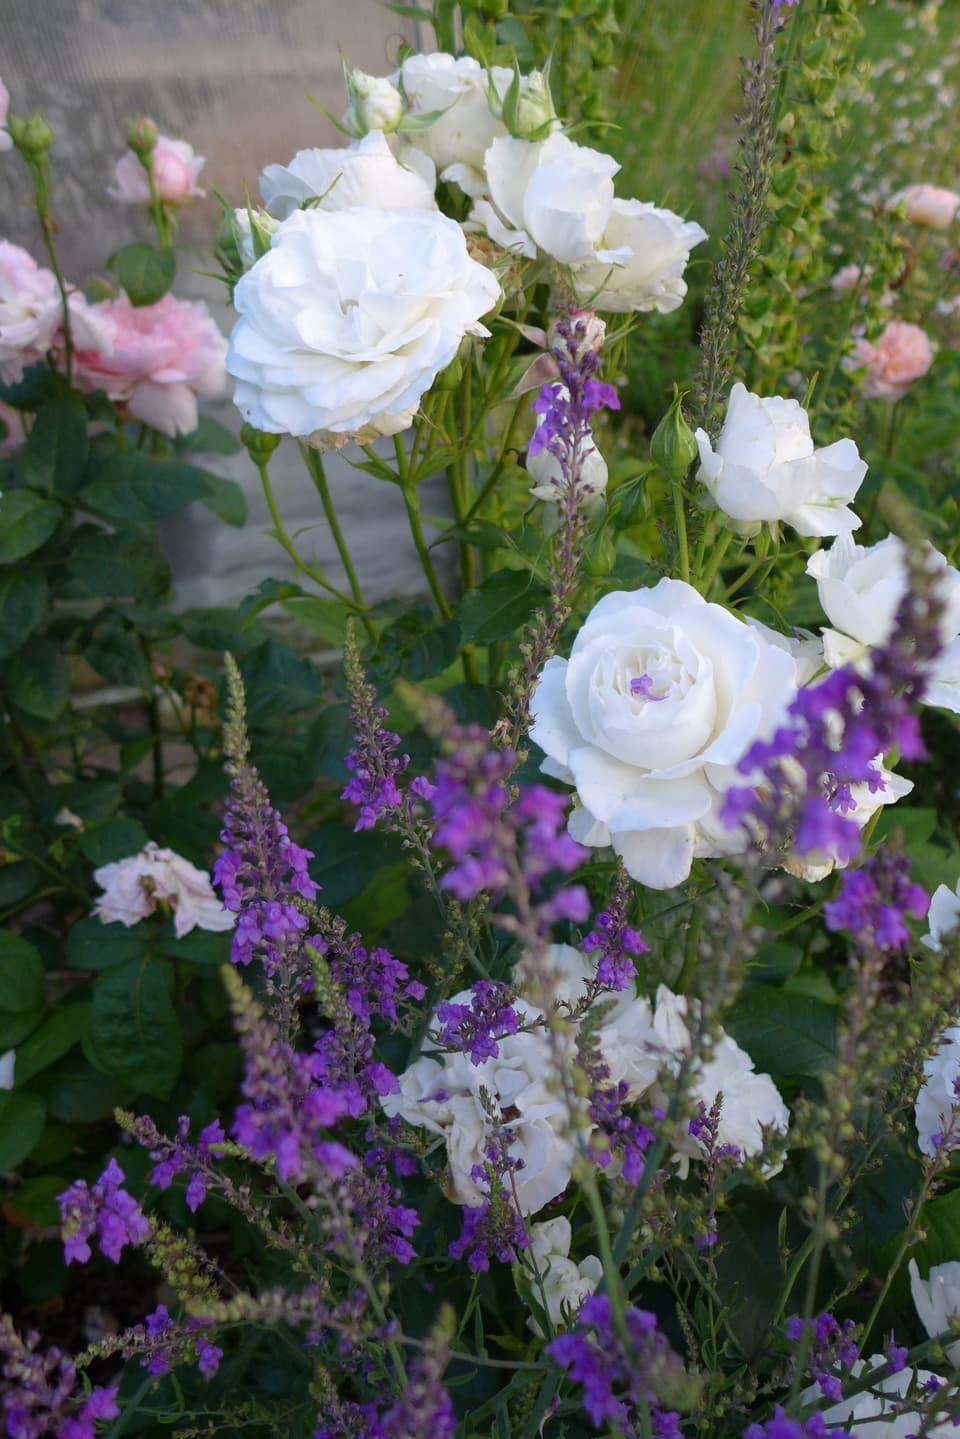 weisse Rosen, violette Sträucher